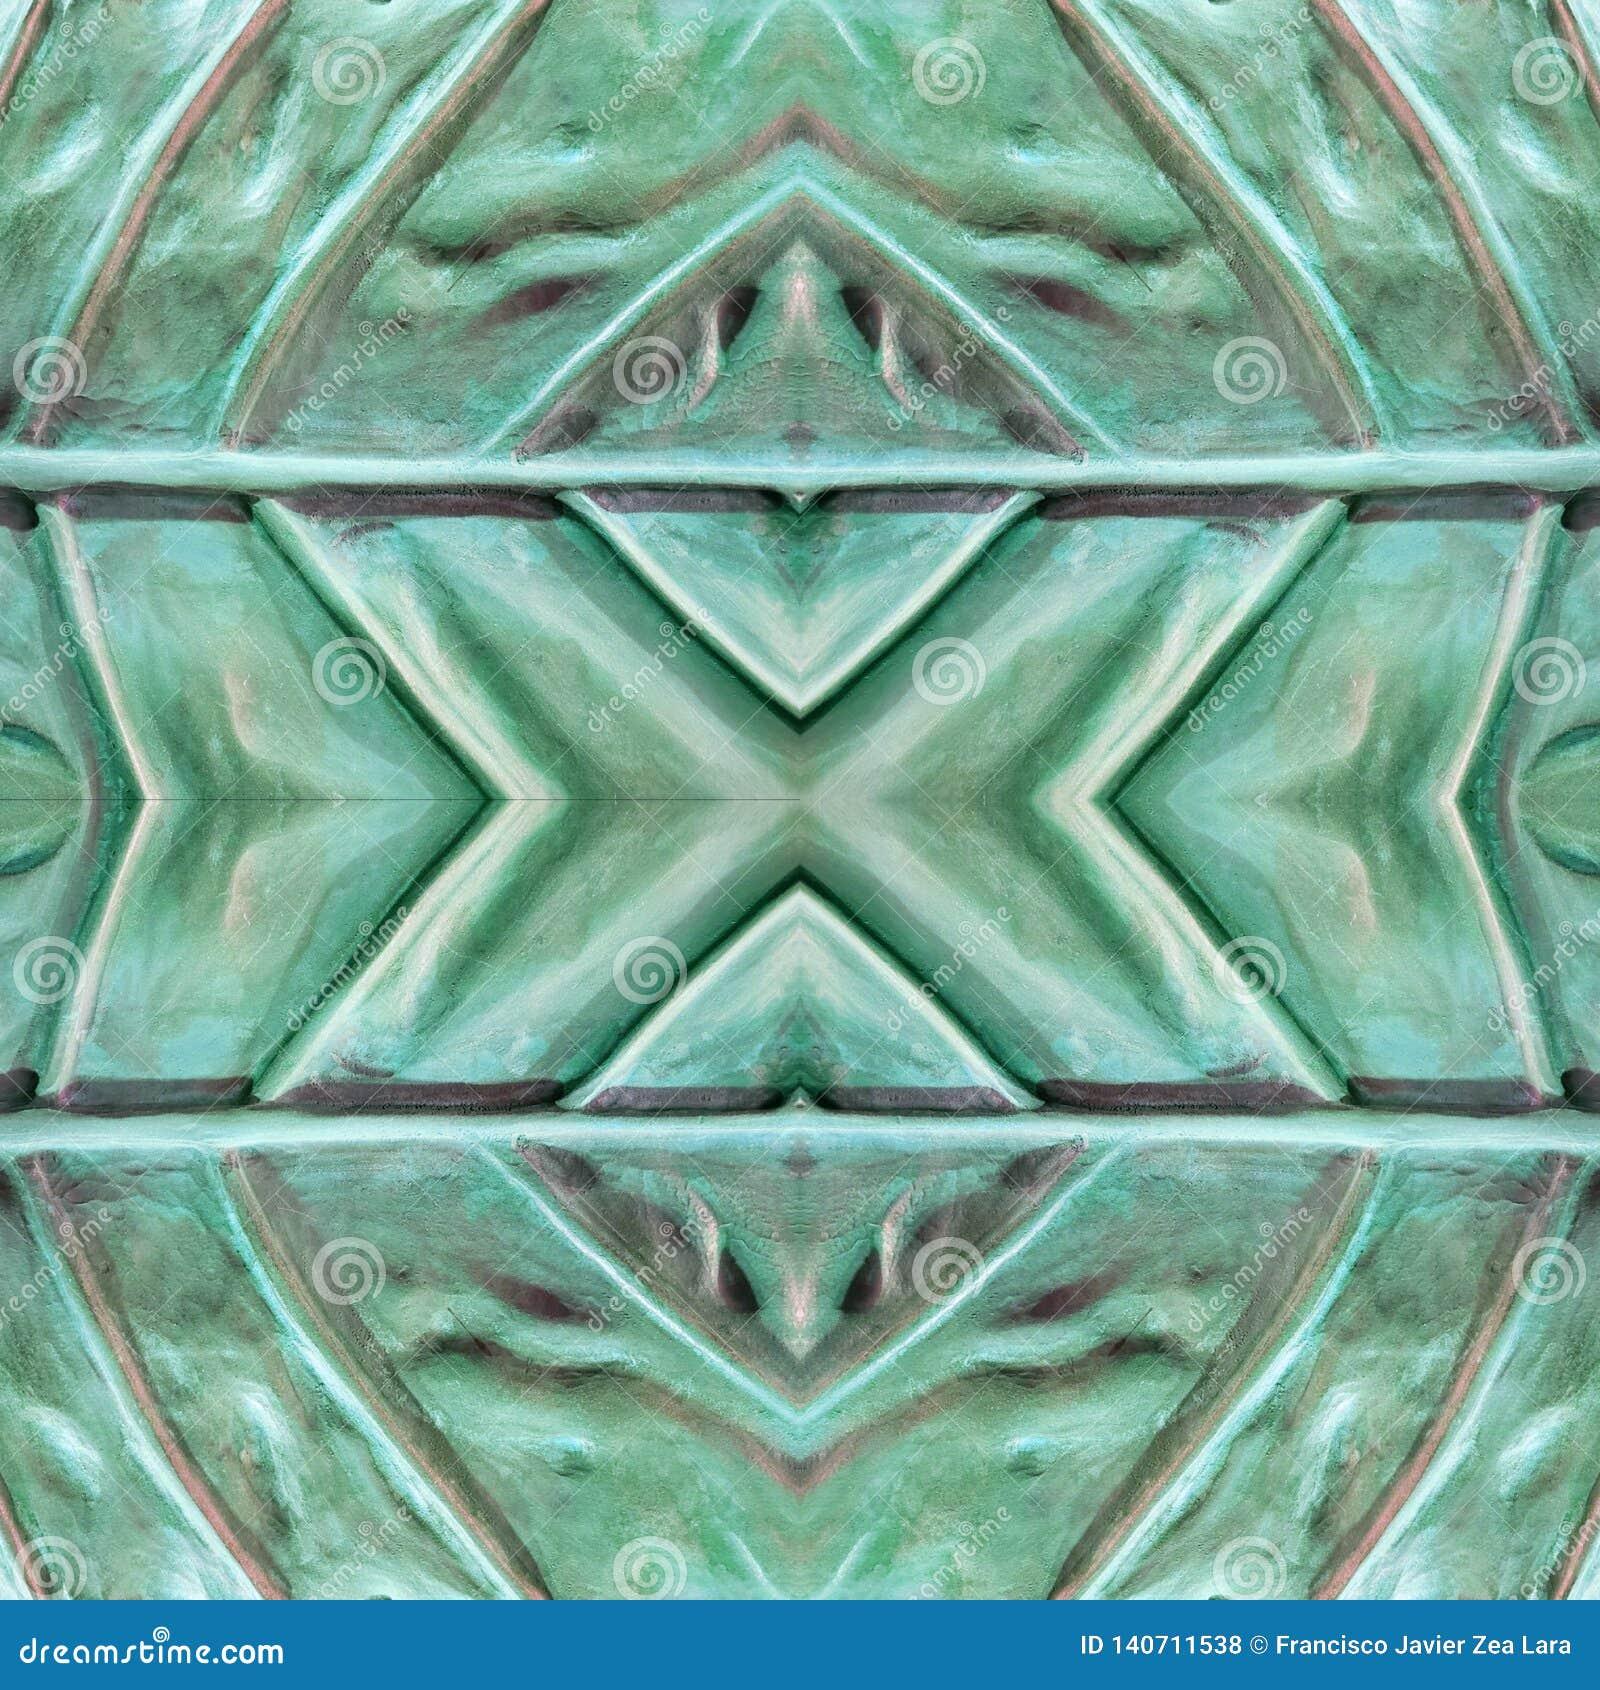 абстрактный дизайн с материалом камня и песка в аквамарине и серых цветах, предпосылке и текстуре